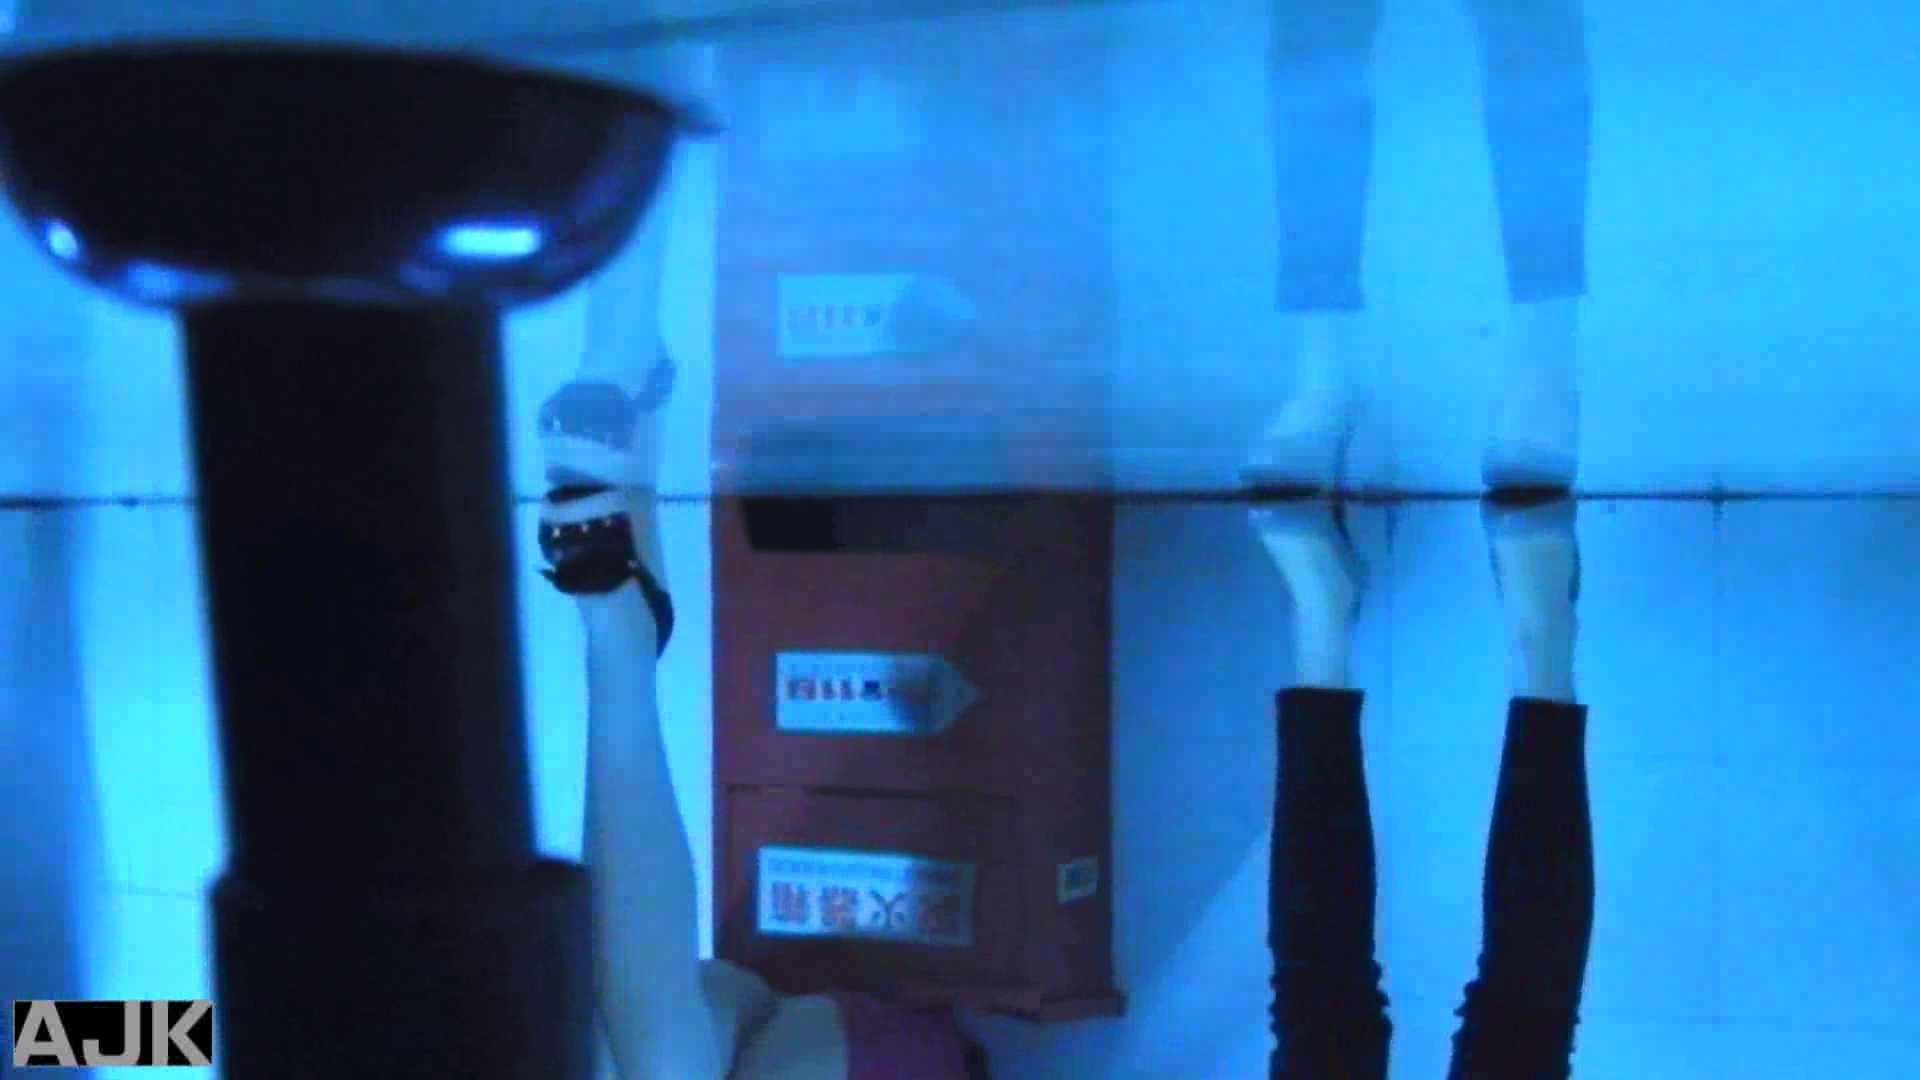 神降臨!史上最強の潜入かわや! vol.17 マンコエロすぎ 盗撮動画紹介 106PIX 15